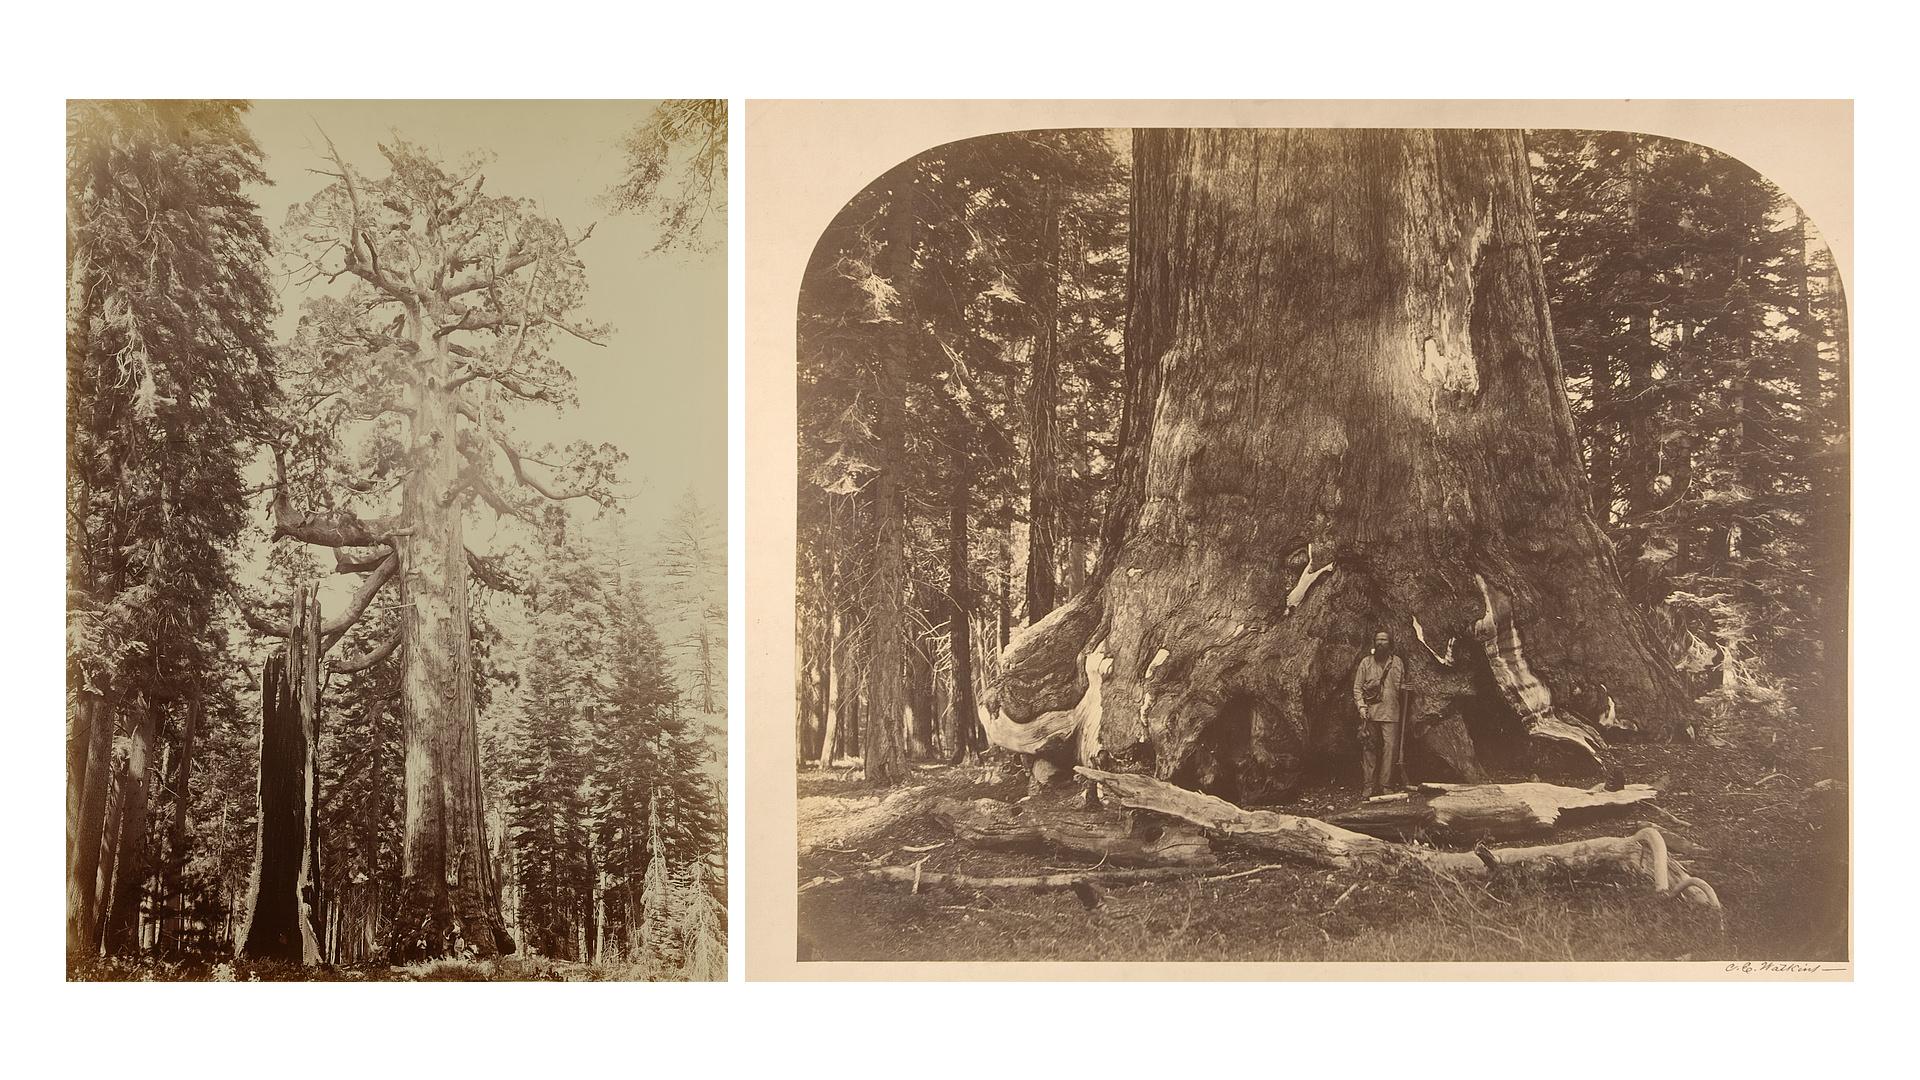 Carleton E. Watkins - Historia de la Fotografía - José Álvarez Fotografía